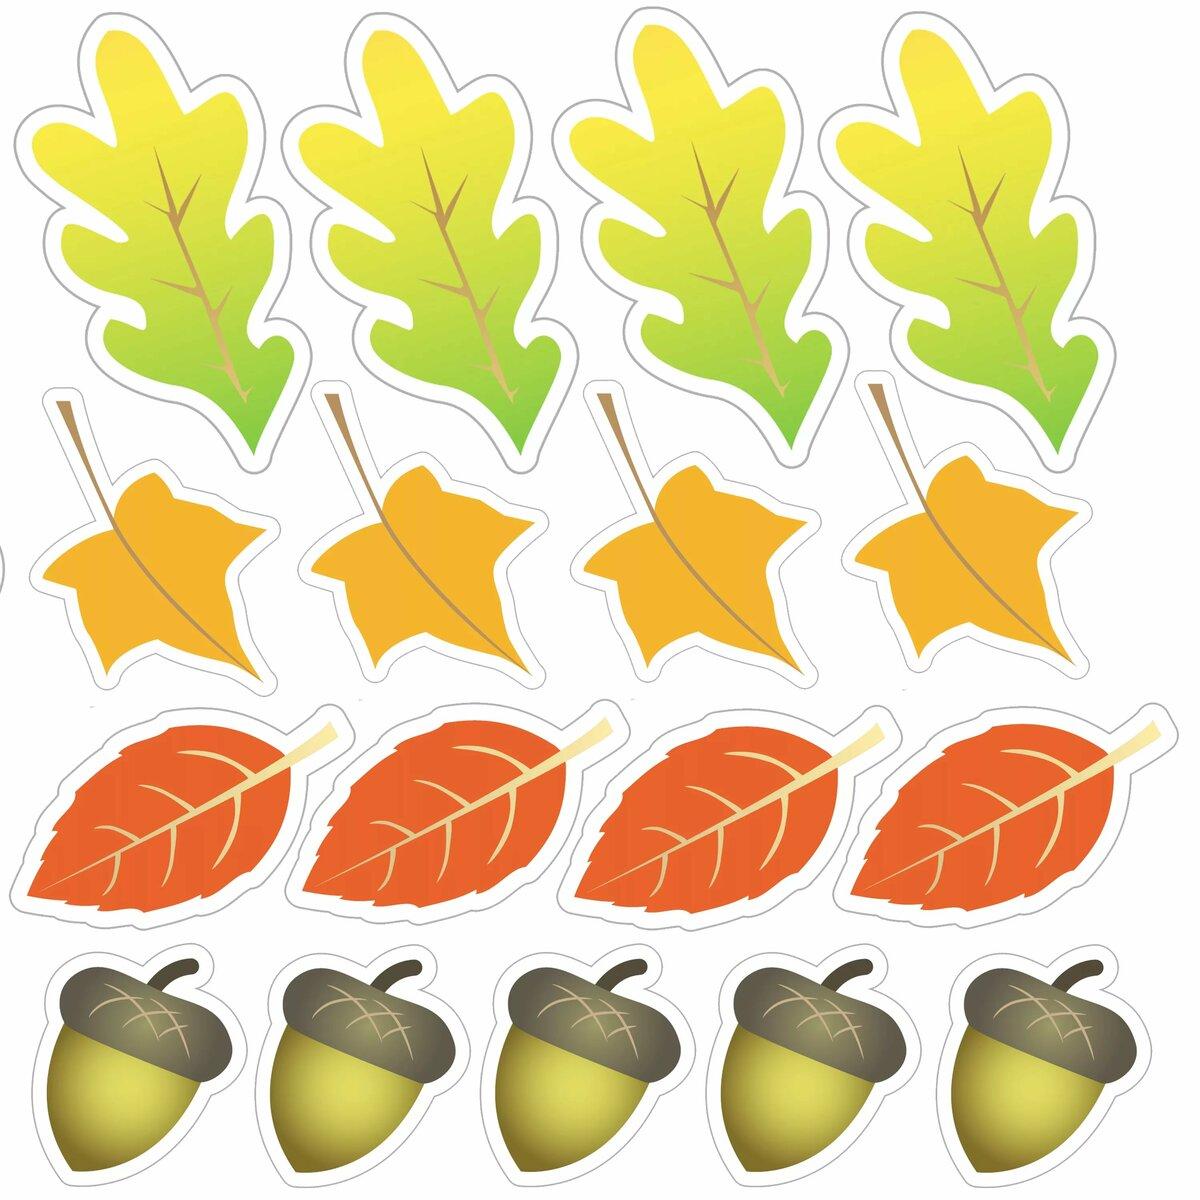 картинки листьев для вырезания распечатать цветные прошла мальдивах